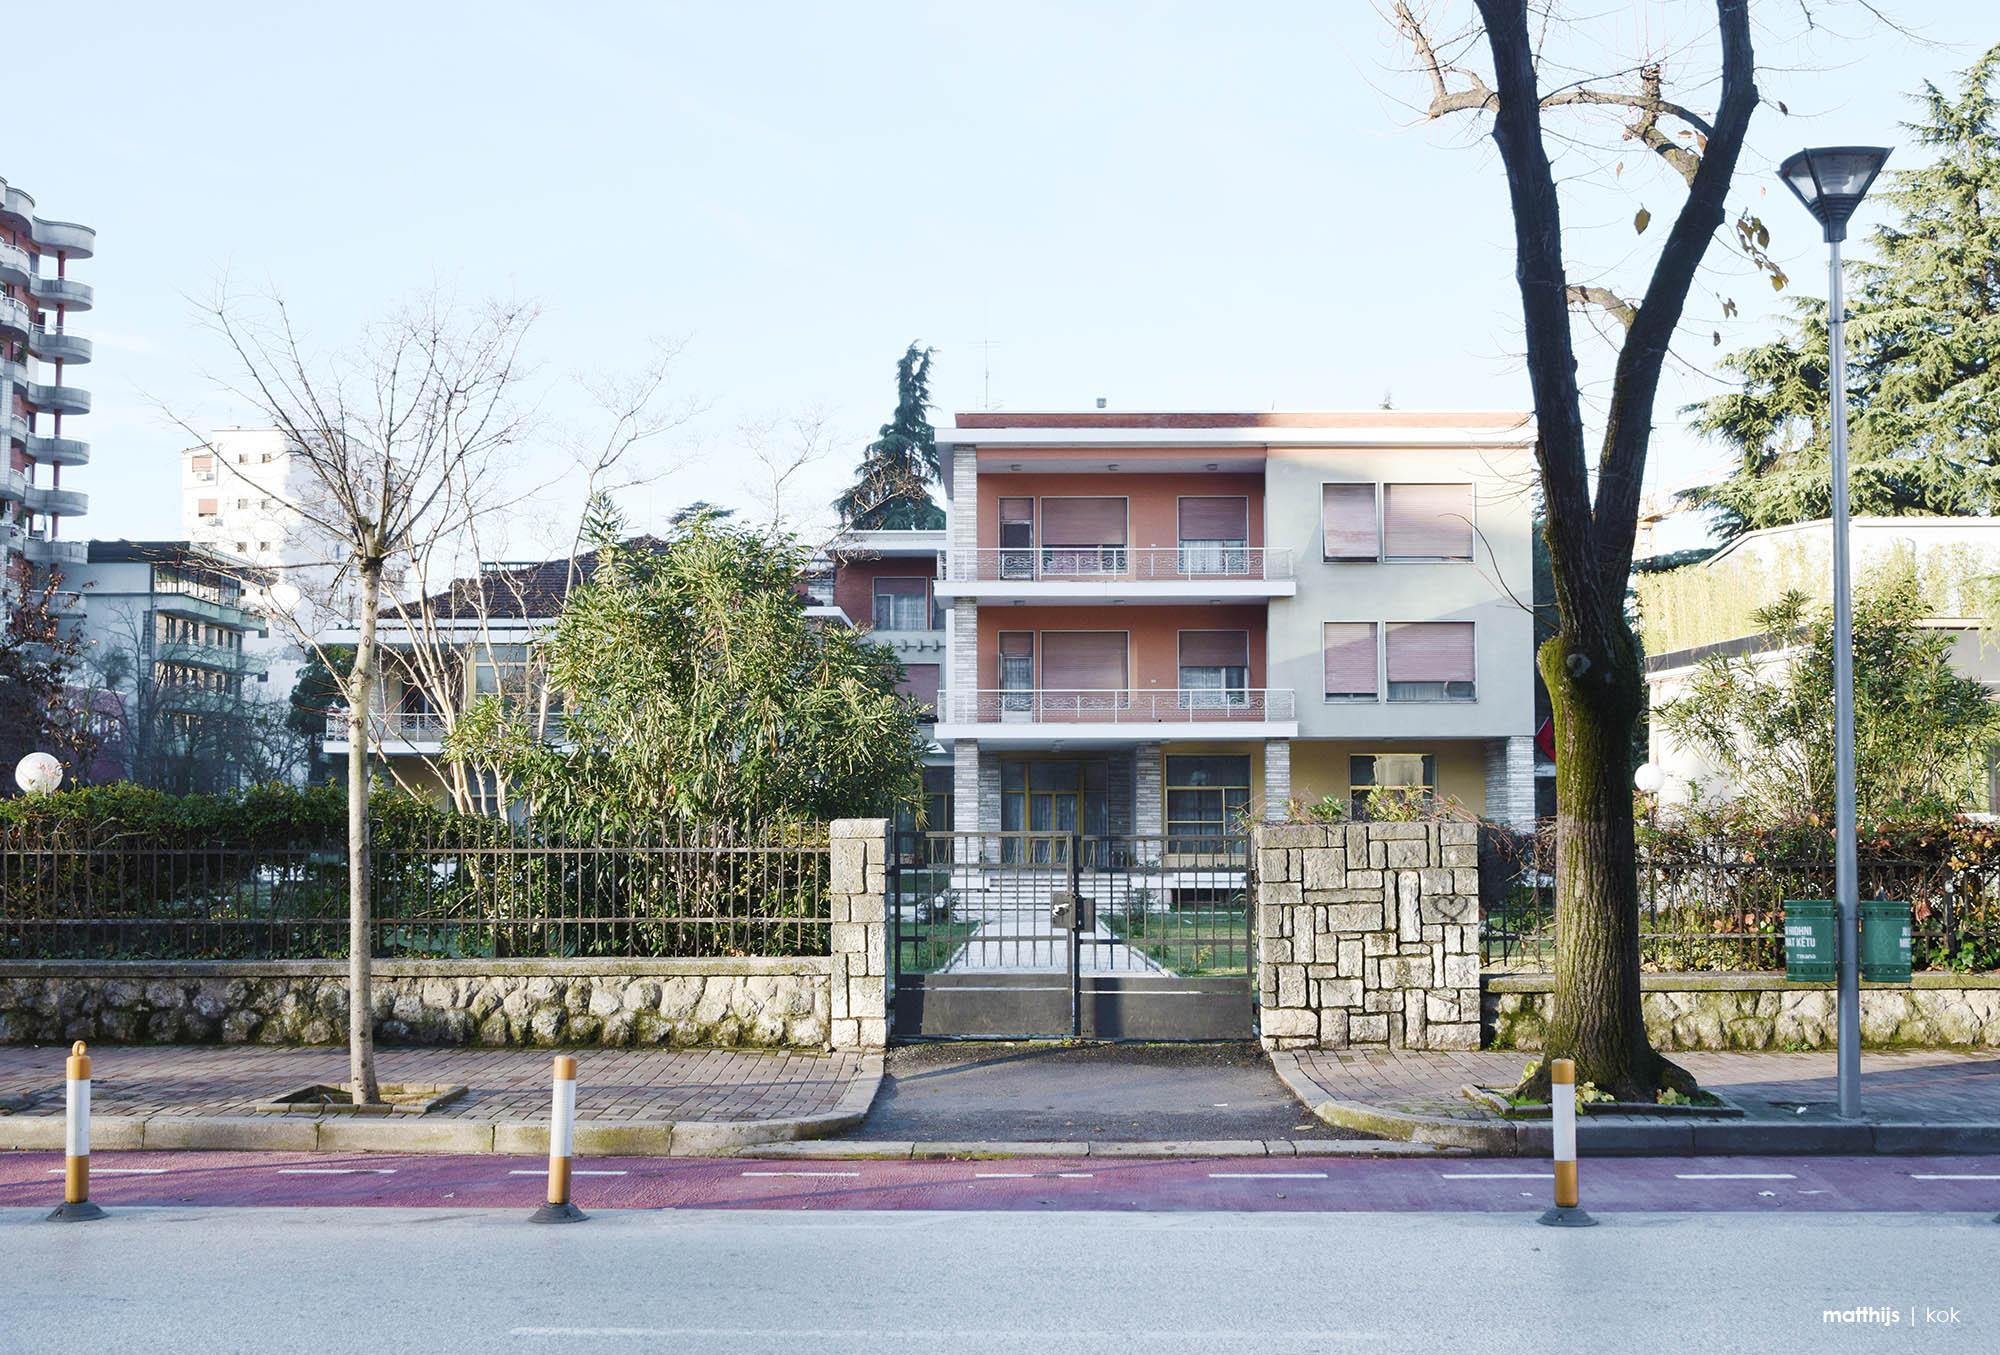 Former Villa of Enver Hoxha, Tirana, Albania | Photo by Matthijs Kok